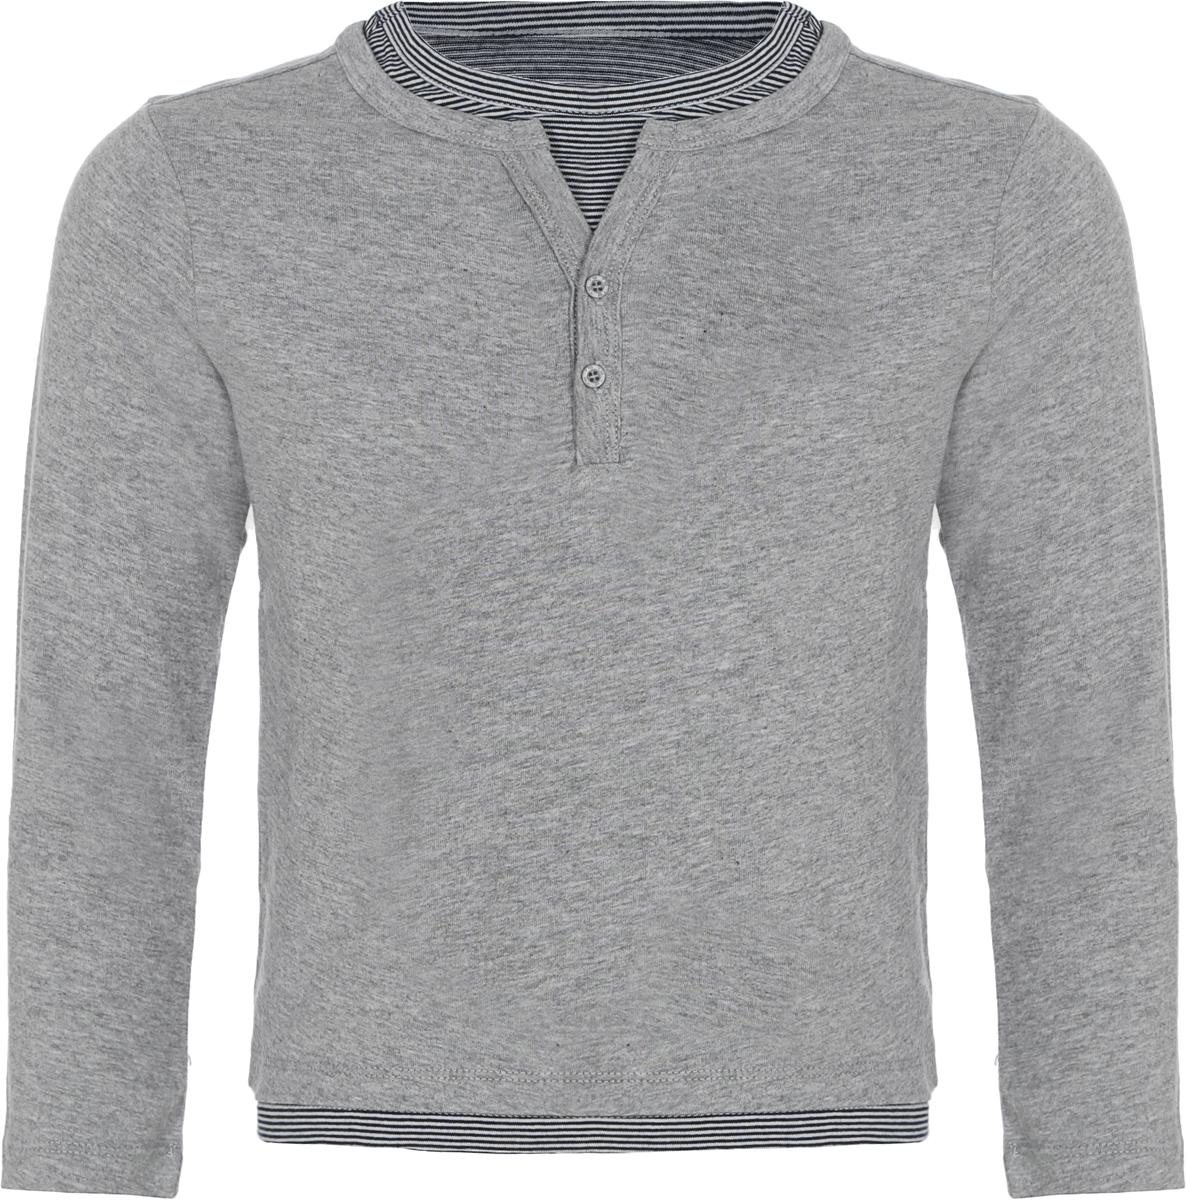 Джемпер для мальчика Sela, цвет: серый. T-711/585-8132. Размер 116, 6 лет футболка для мальчика котмаркот цвет серый 14946 размер 116 6 лет